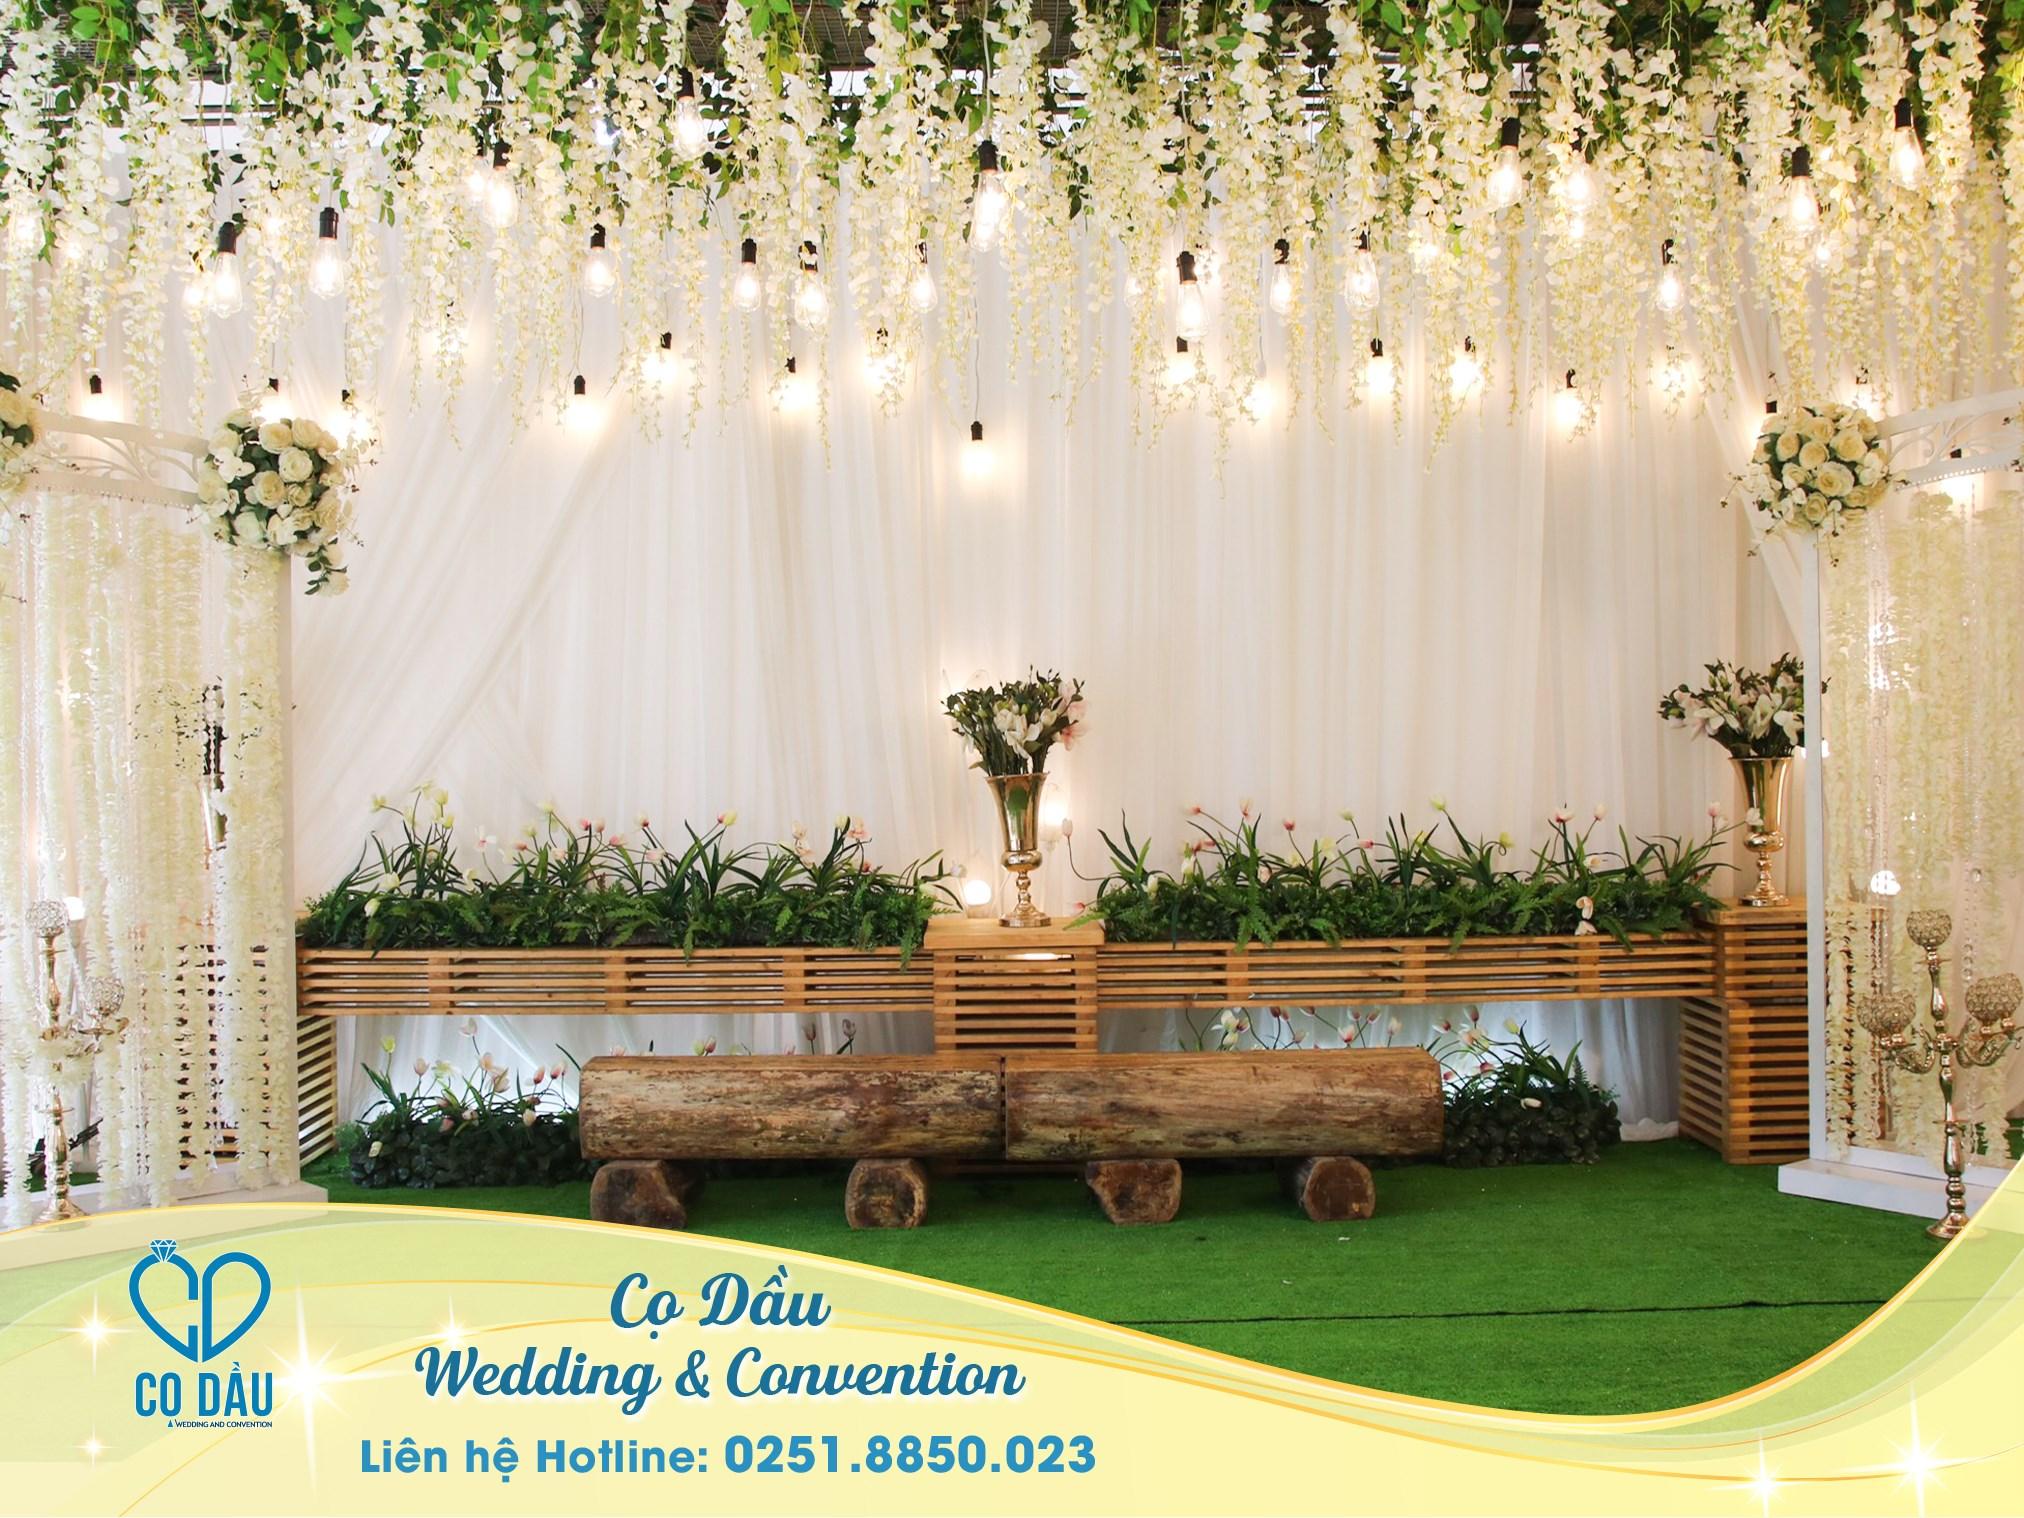 Sảnh Tiệc Cưới Cọ Dầu Wedding & Convention - Biên Hòa